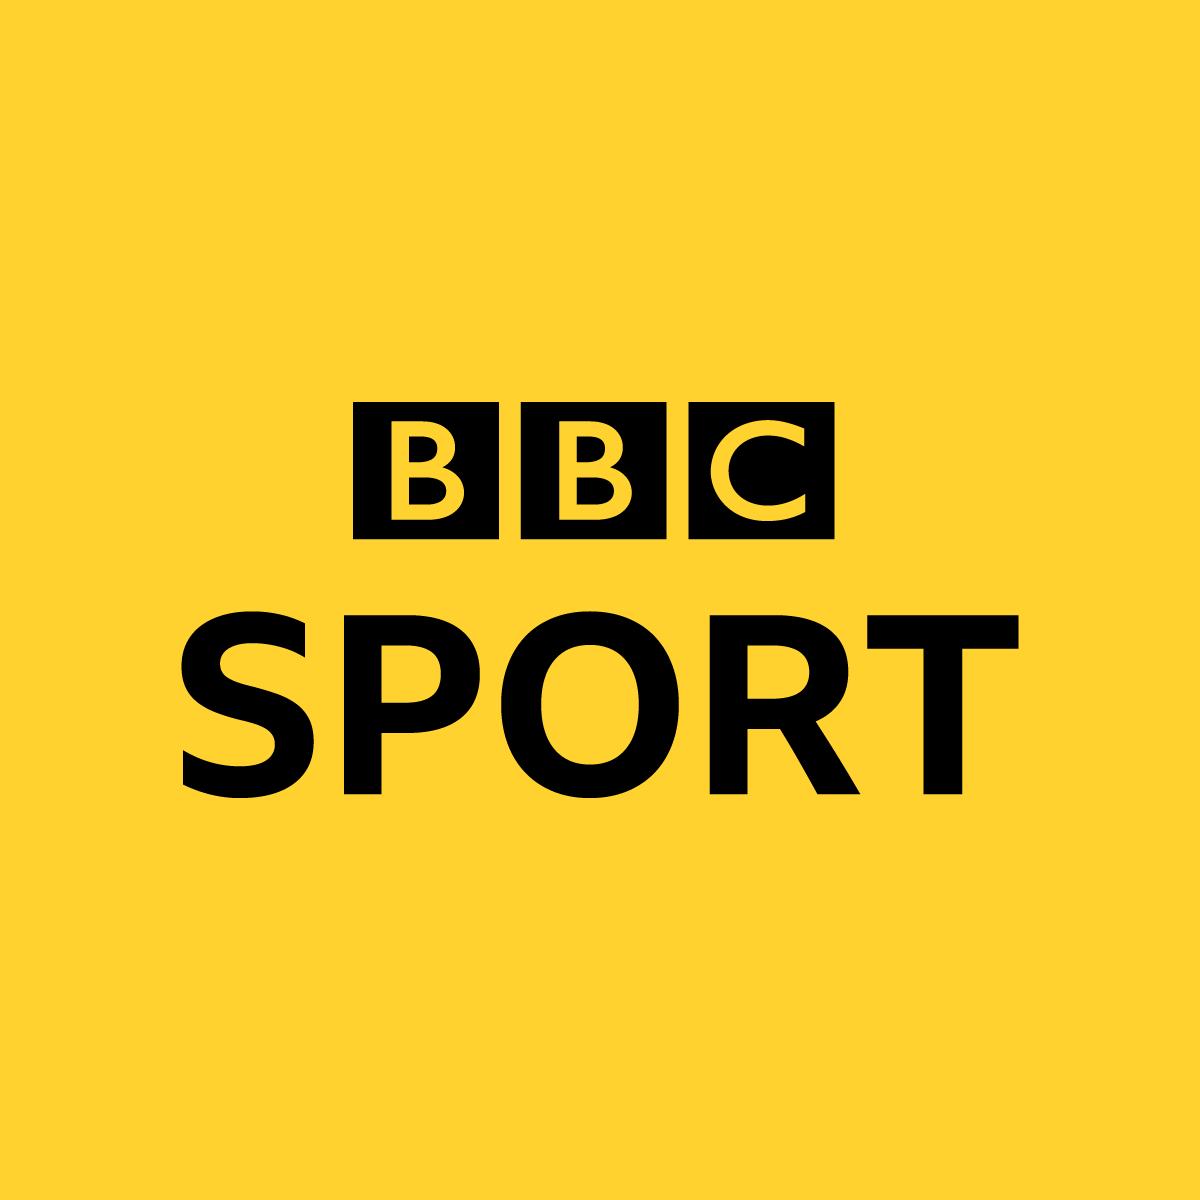 Президент МПК Эндрю Парсонс в интервью BBC Sport говорит, что ни одна страна не пропустит перенесенные Паралимпийские игры в Токио по финансовым причинам